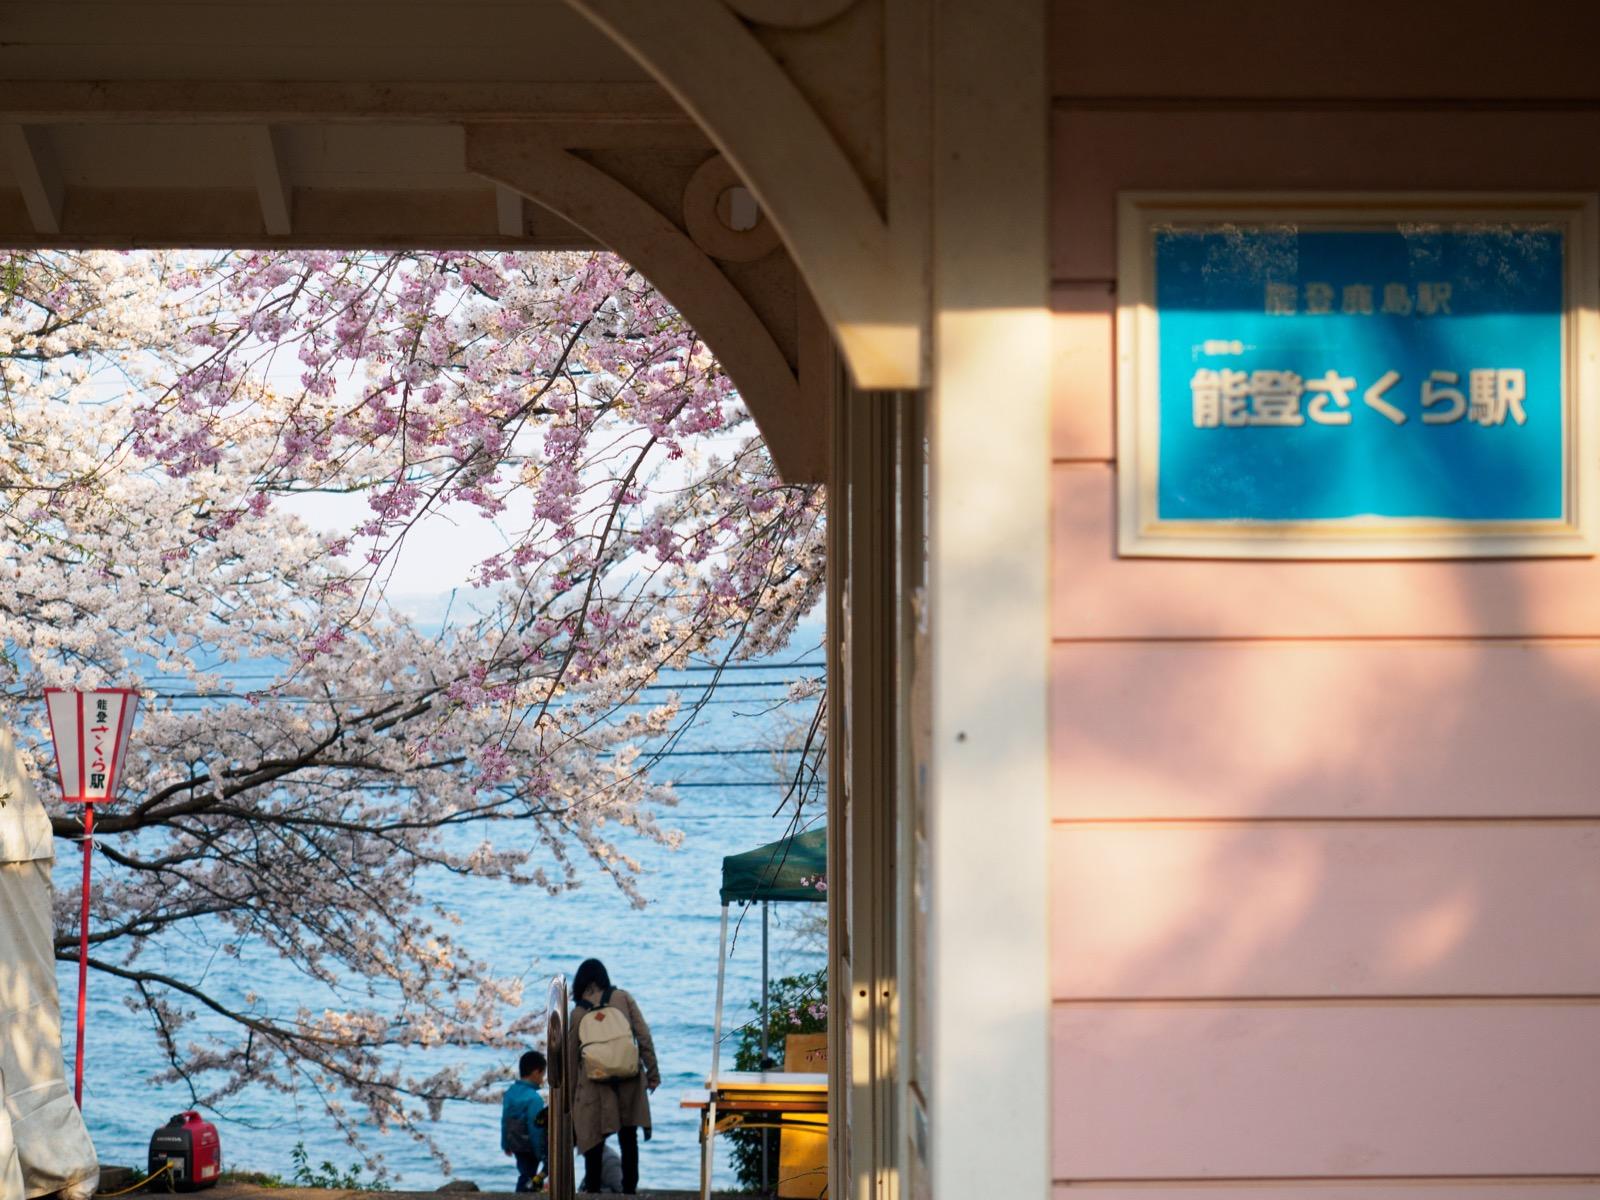 能登鹿島駅(能登さくら駅)の駅舎越しに見える七尾湾